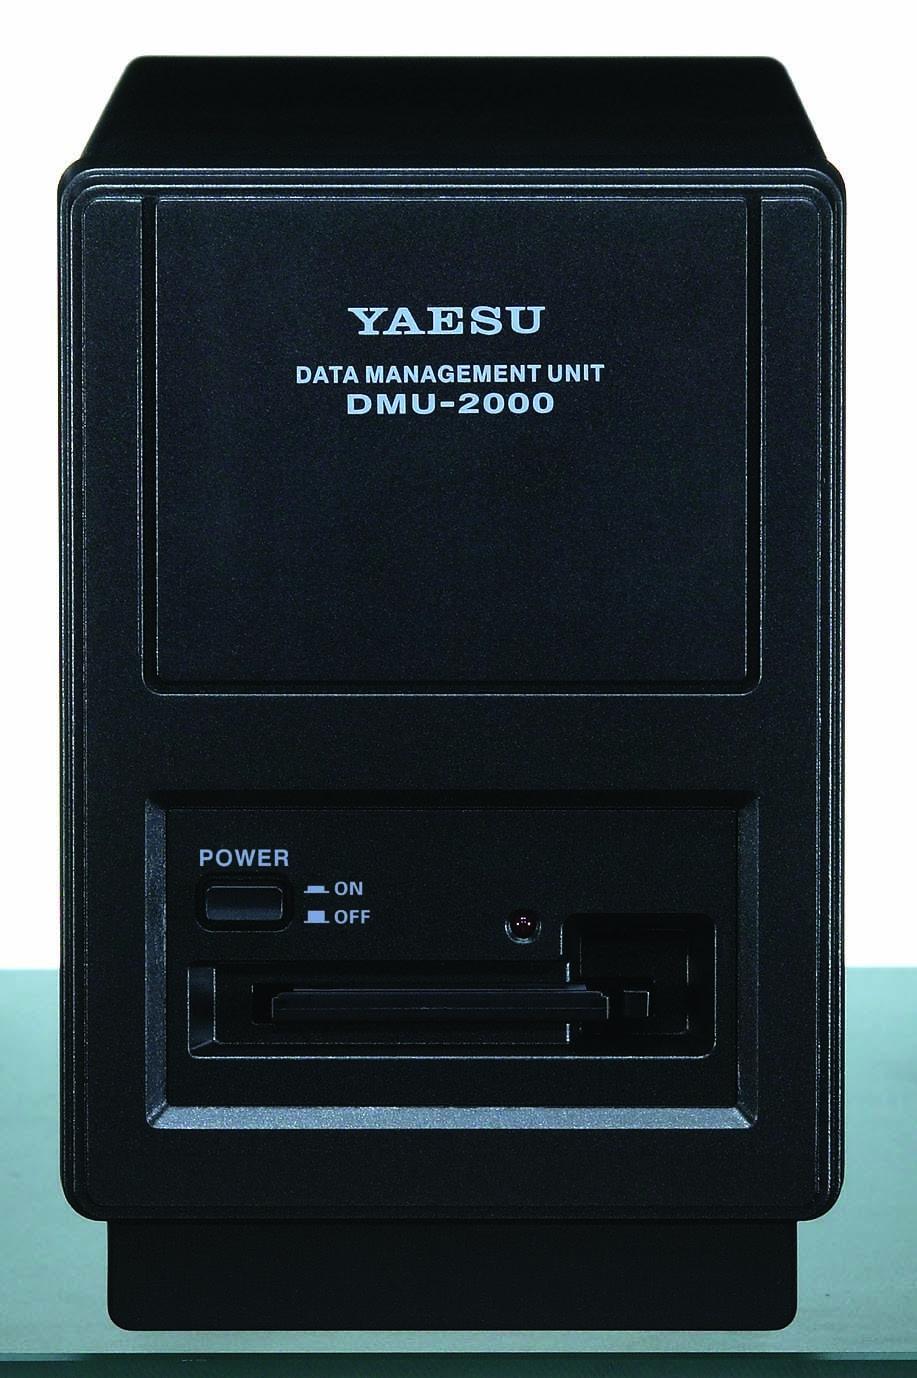 DMU-2000 Data Management Unit